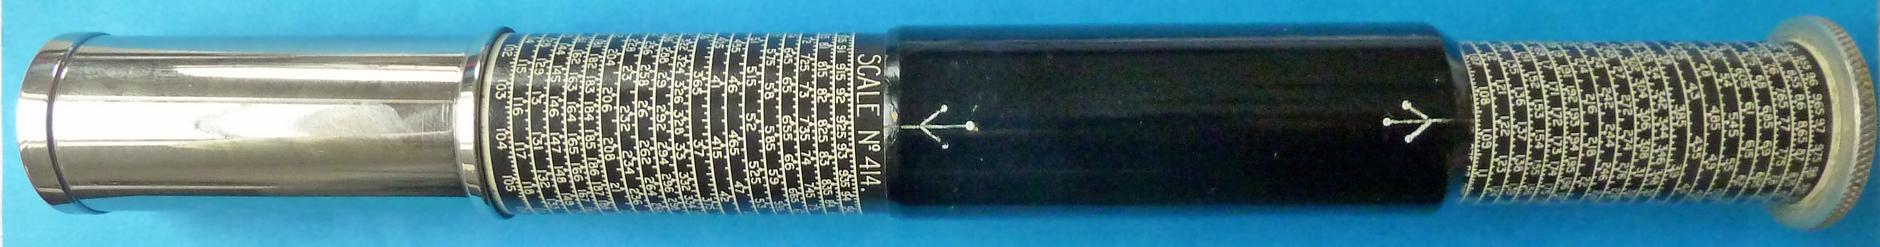 Carbic Ltd / Otis King Model K 2nd version Pocket 07 helical long-scale